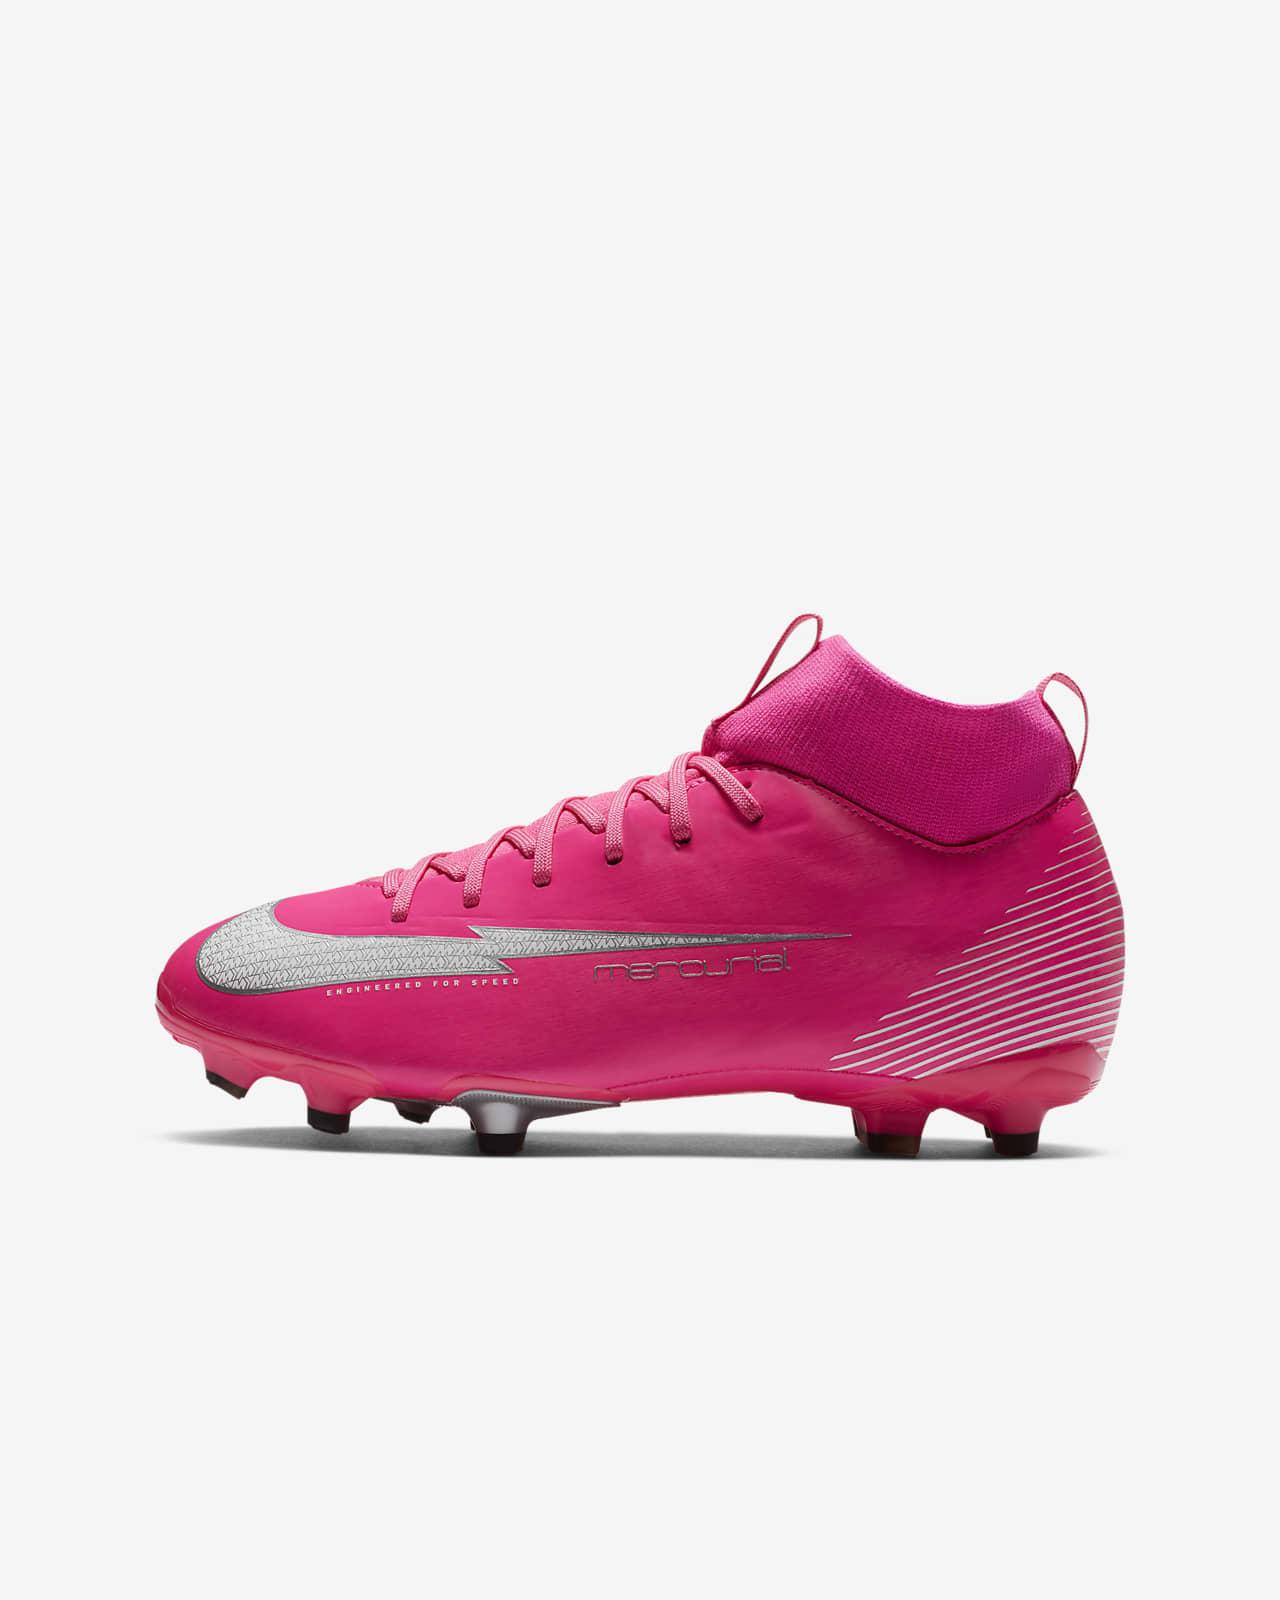 Chaussure de football à crampons multi-surfaces Nike Jr. Mercurial Superfly 7 Academy MG pour Jeune enfant/Enfant plus âgé